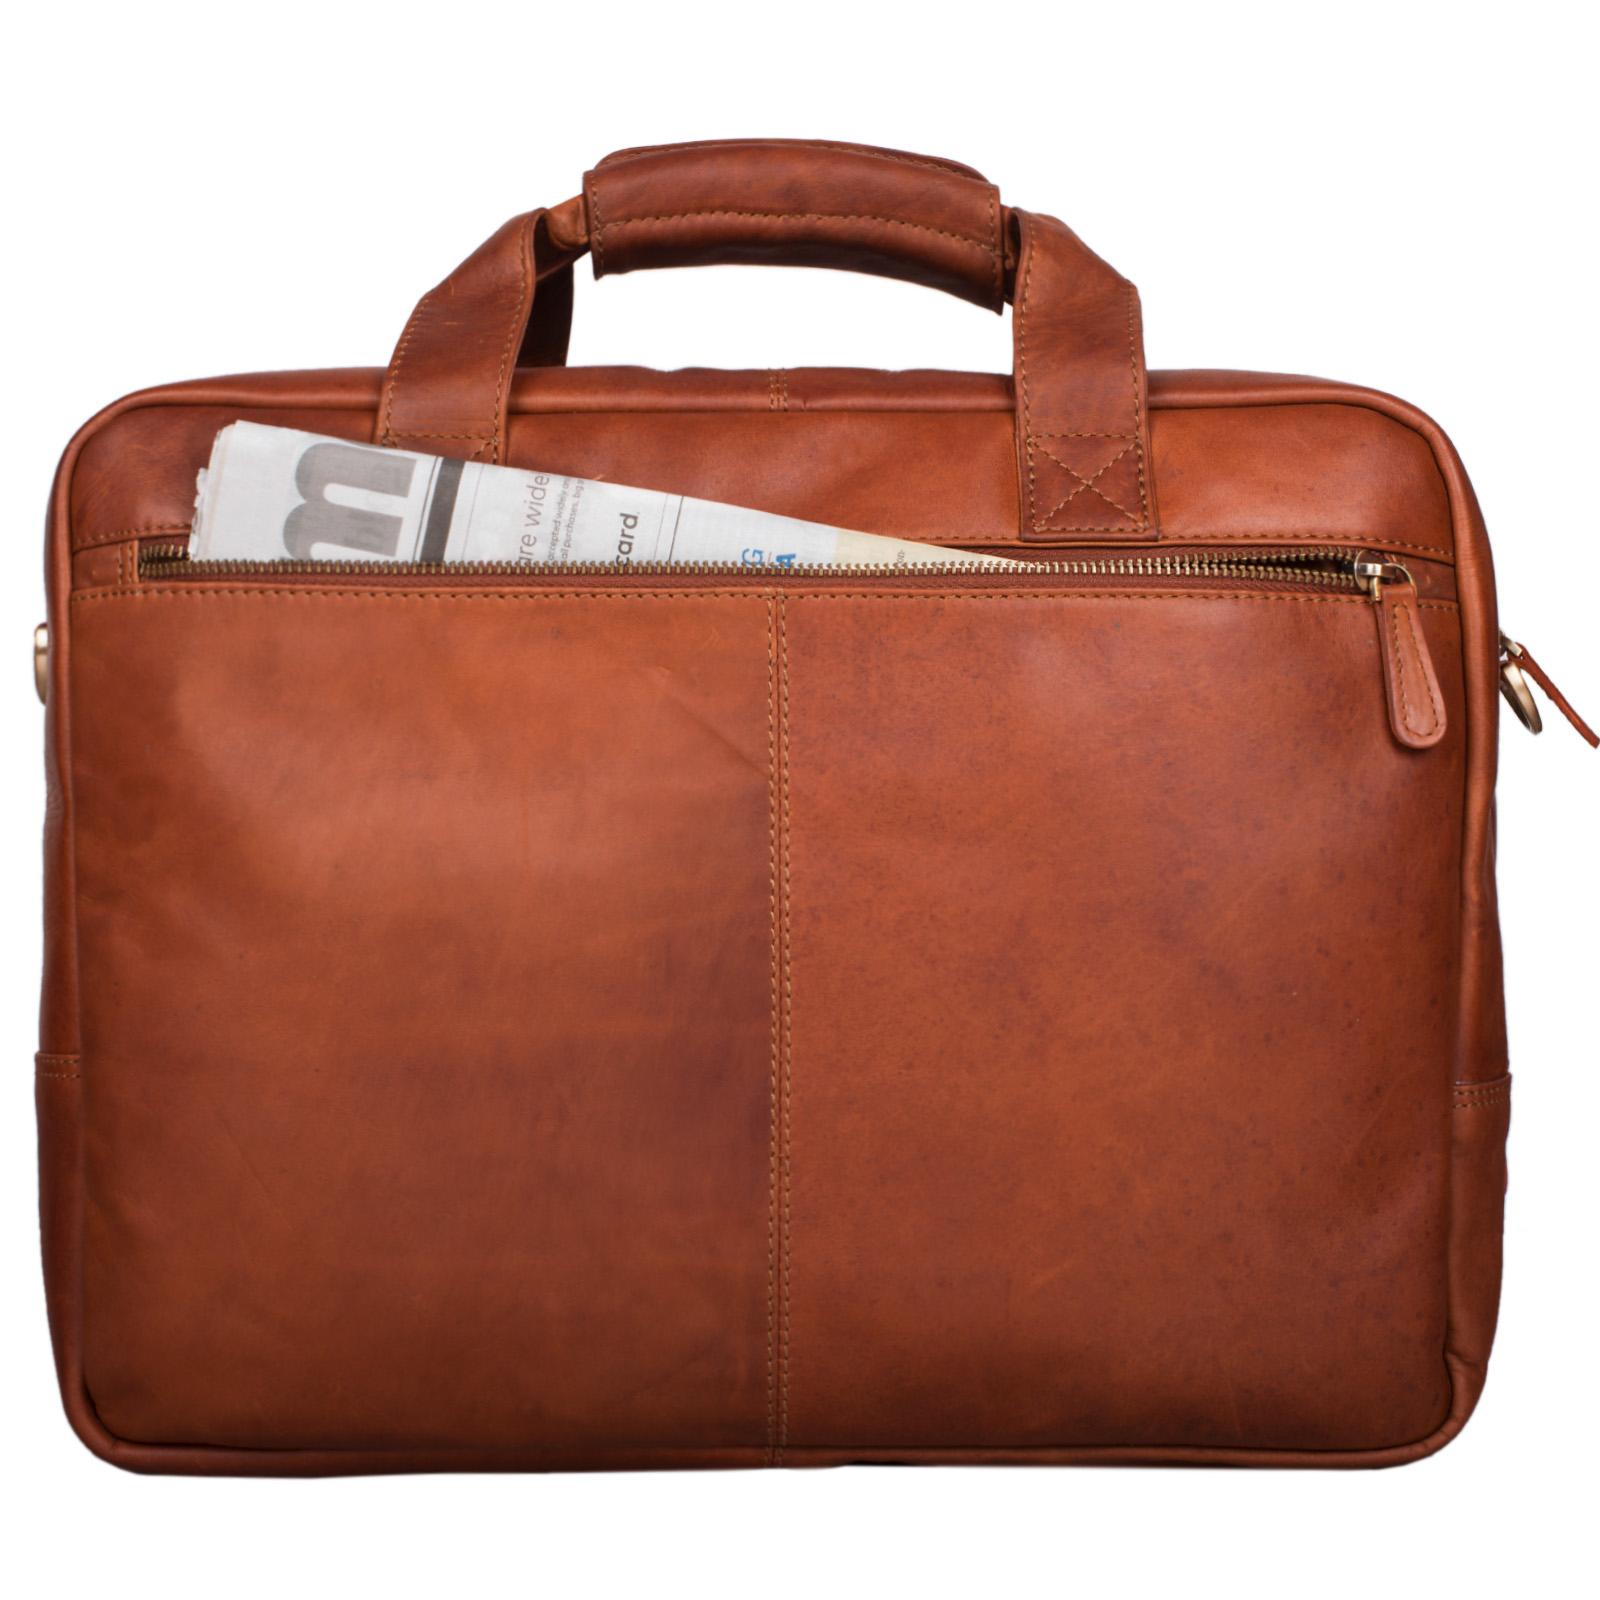 """STILORD """"Explorer"""" Lehrertasche Leder Herren Damen Aktentasche Büro Schulter- oder Umhängetasche für Laptop mit Dreifachtrenner Echt Leder Vintage - Bild 20"""